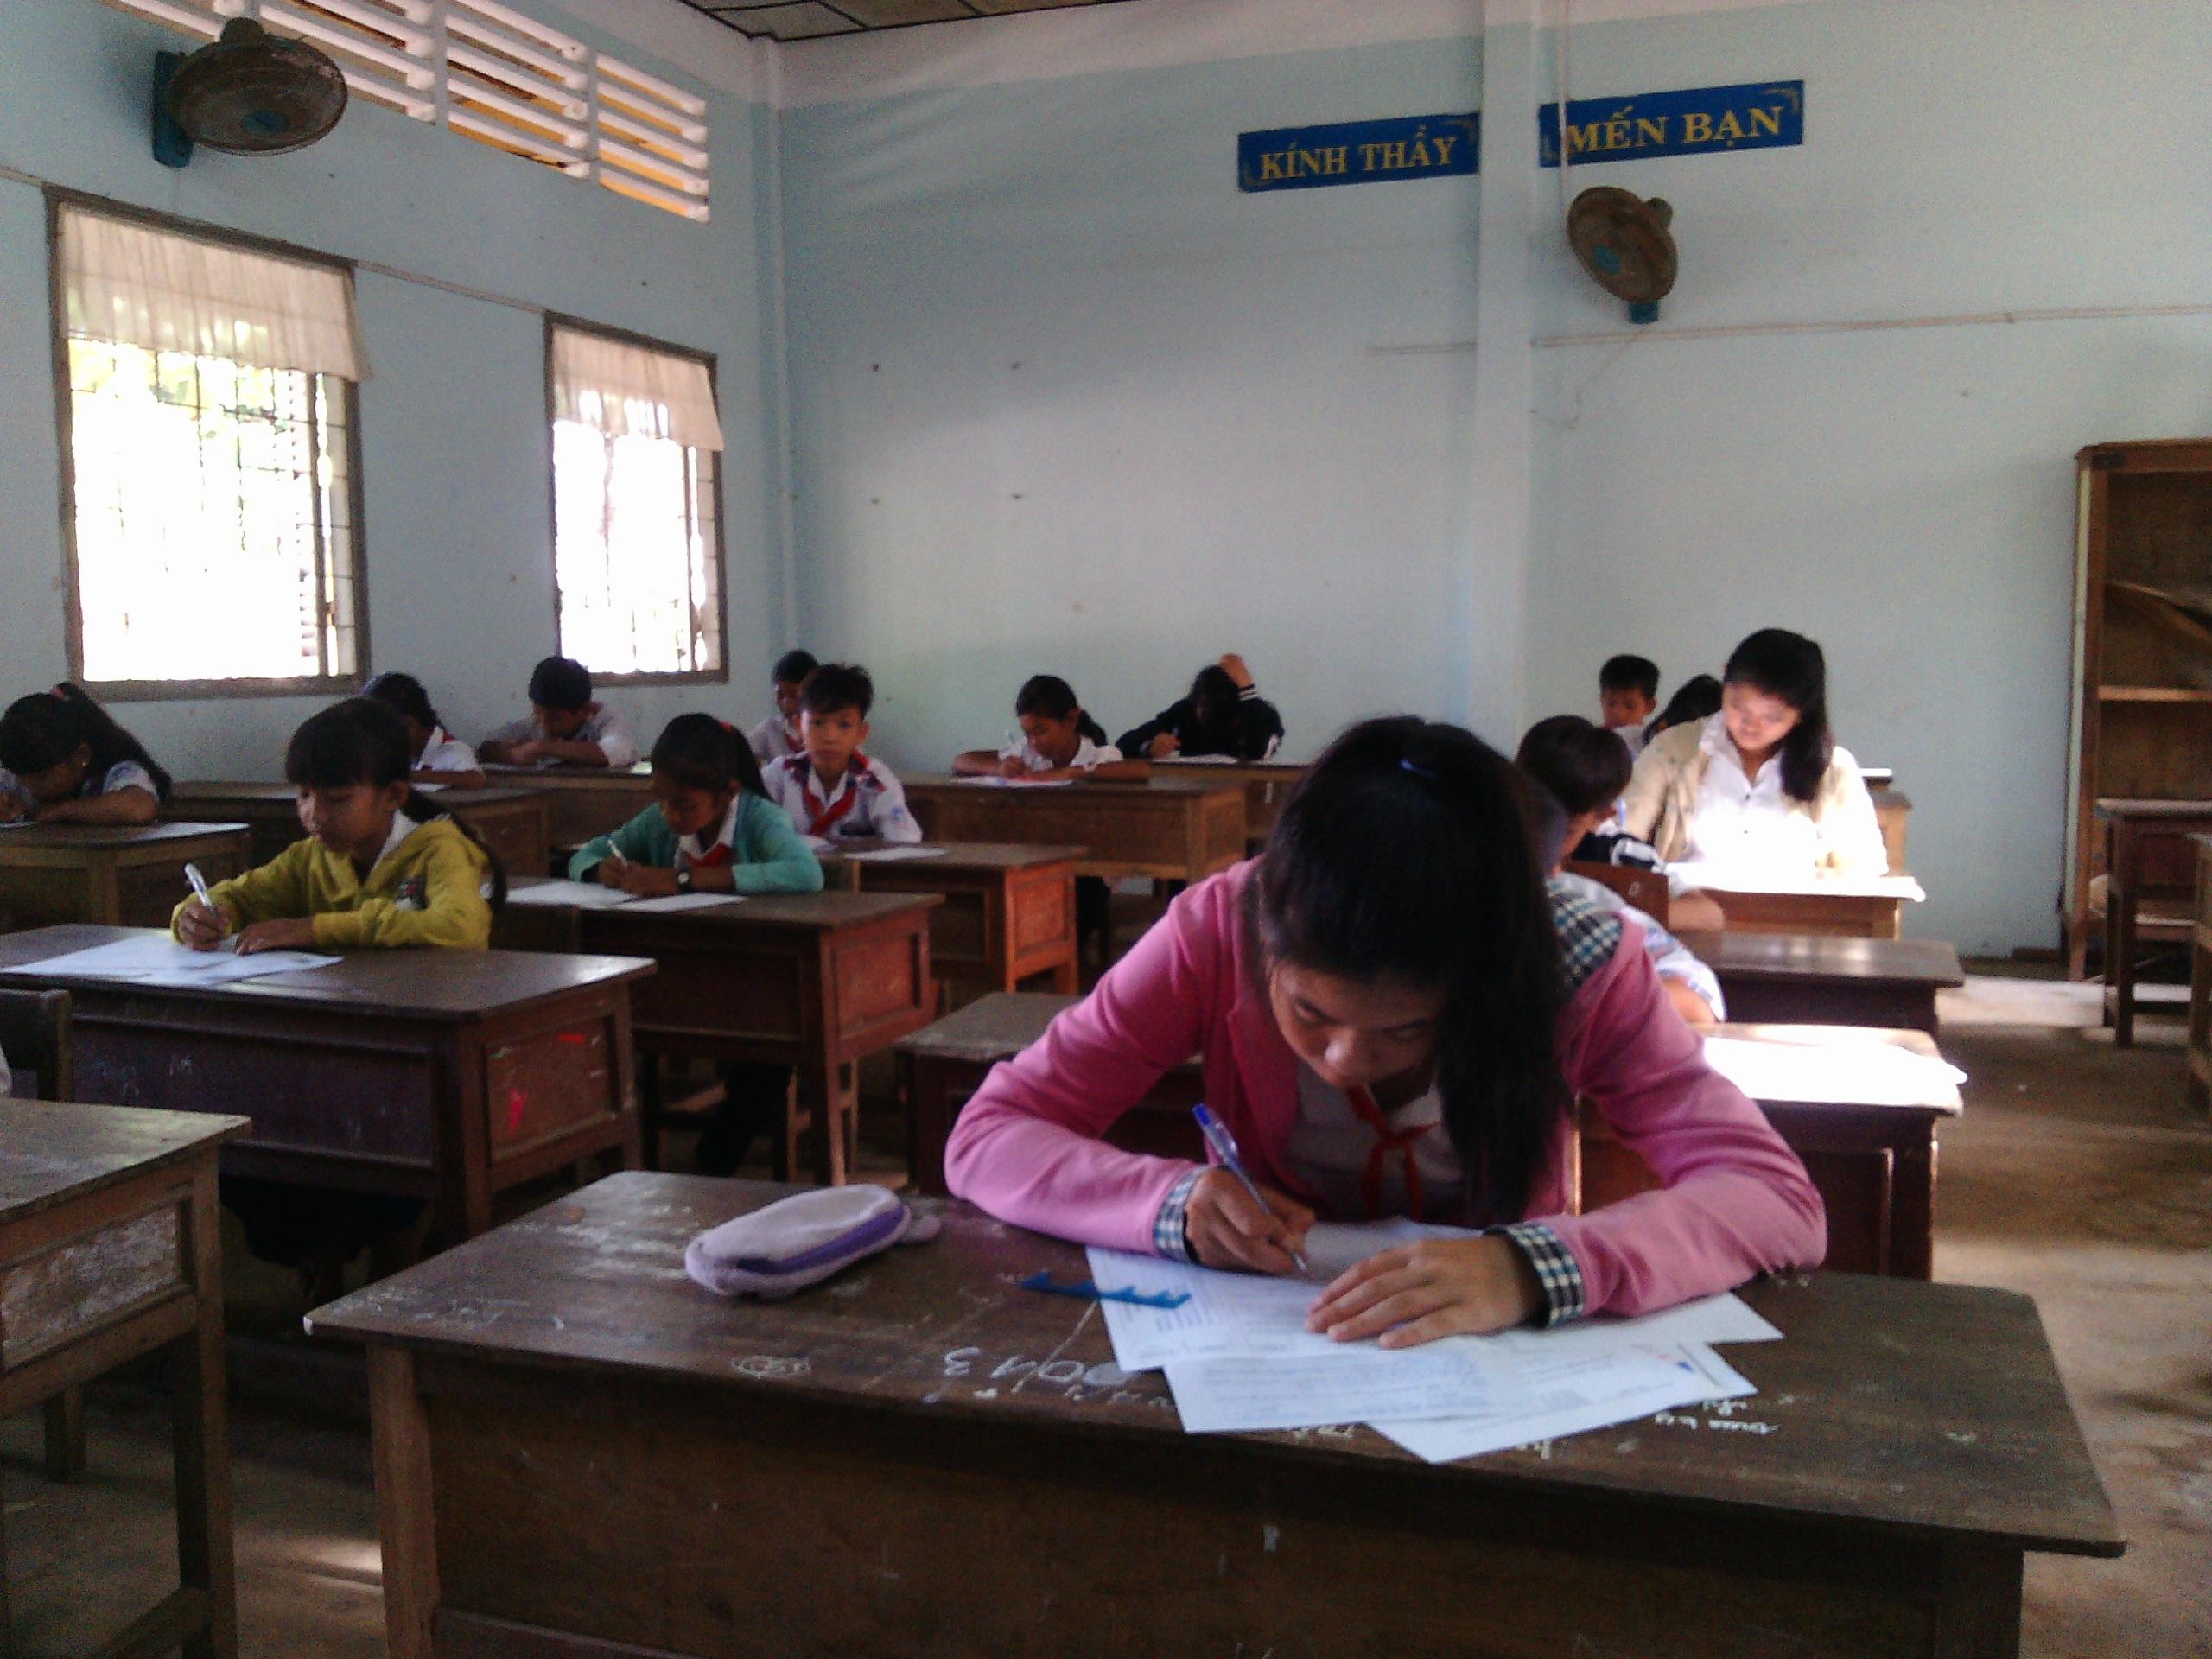 Sở Giáo dục và Đào tạo Trà Vinh, tổ chức Kỳ thi công nhận trình độ cấp tiểu học và cấp THCS môn tiếng Khmer đợt 2 năm học 2018-2019